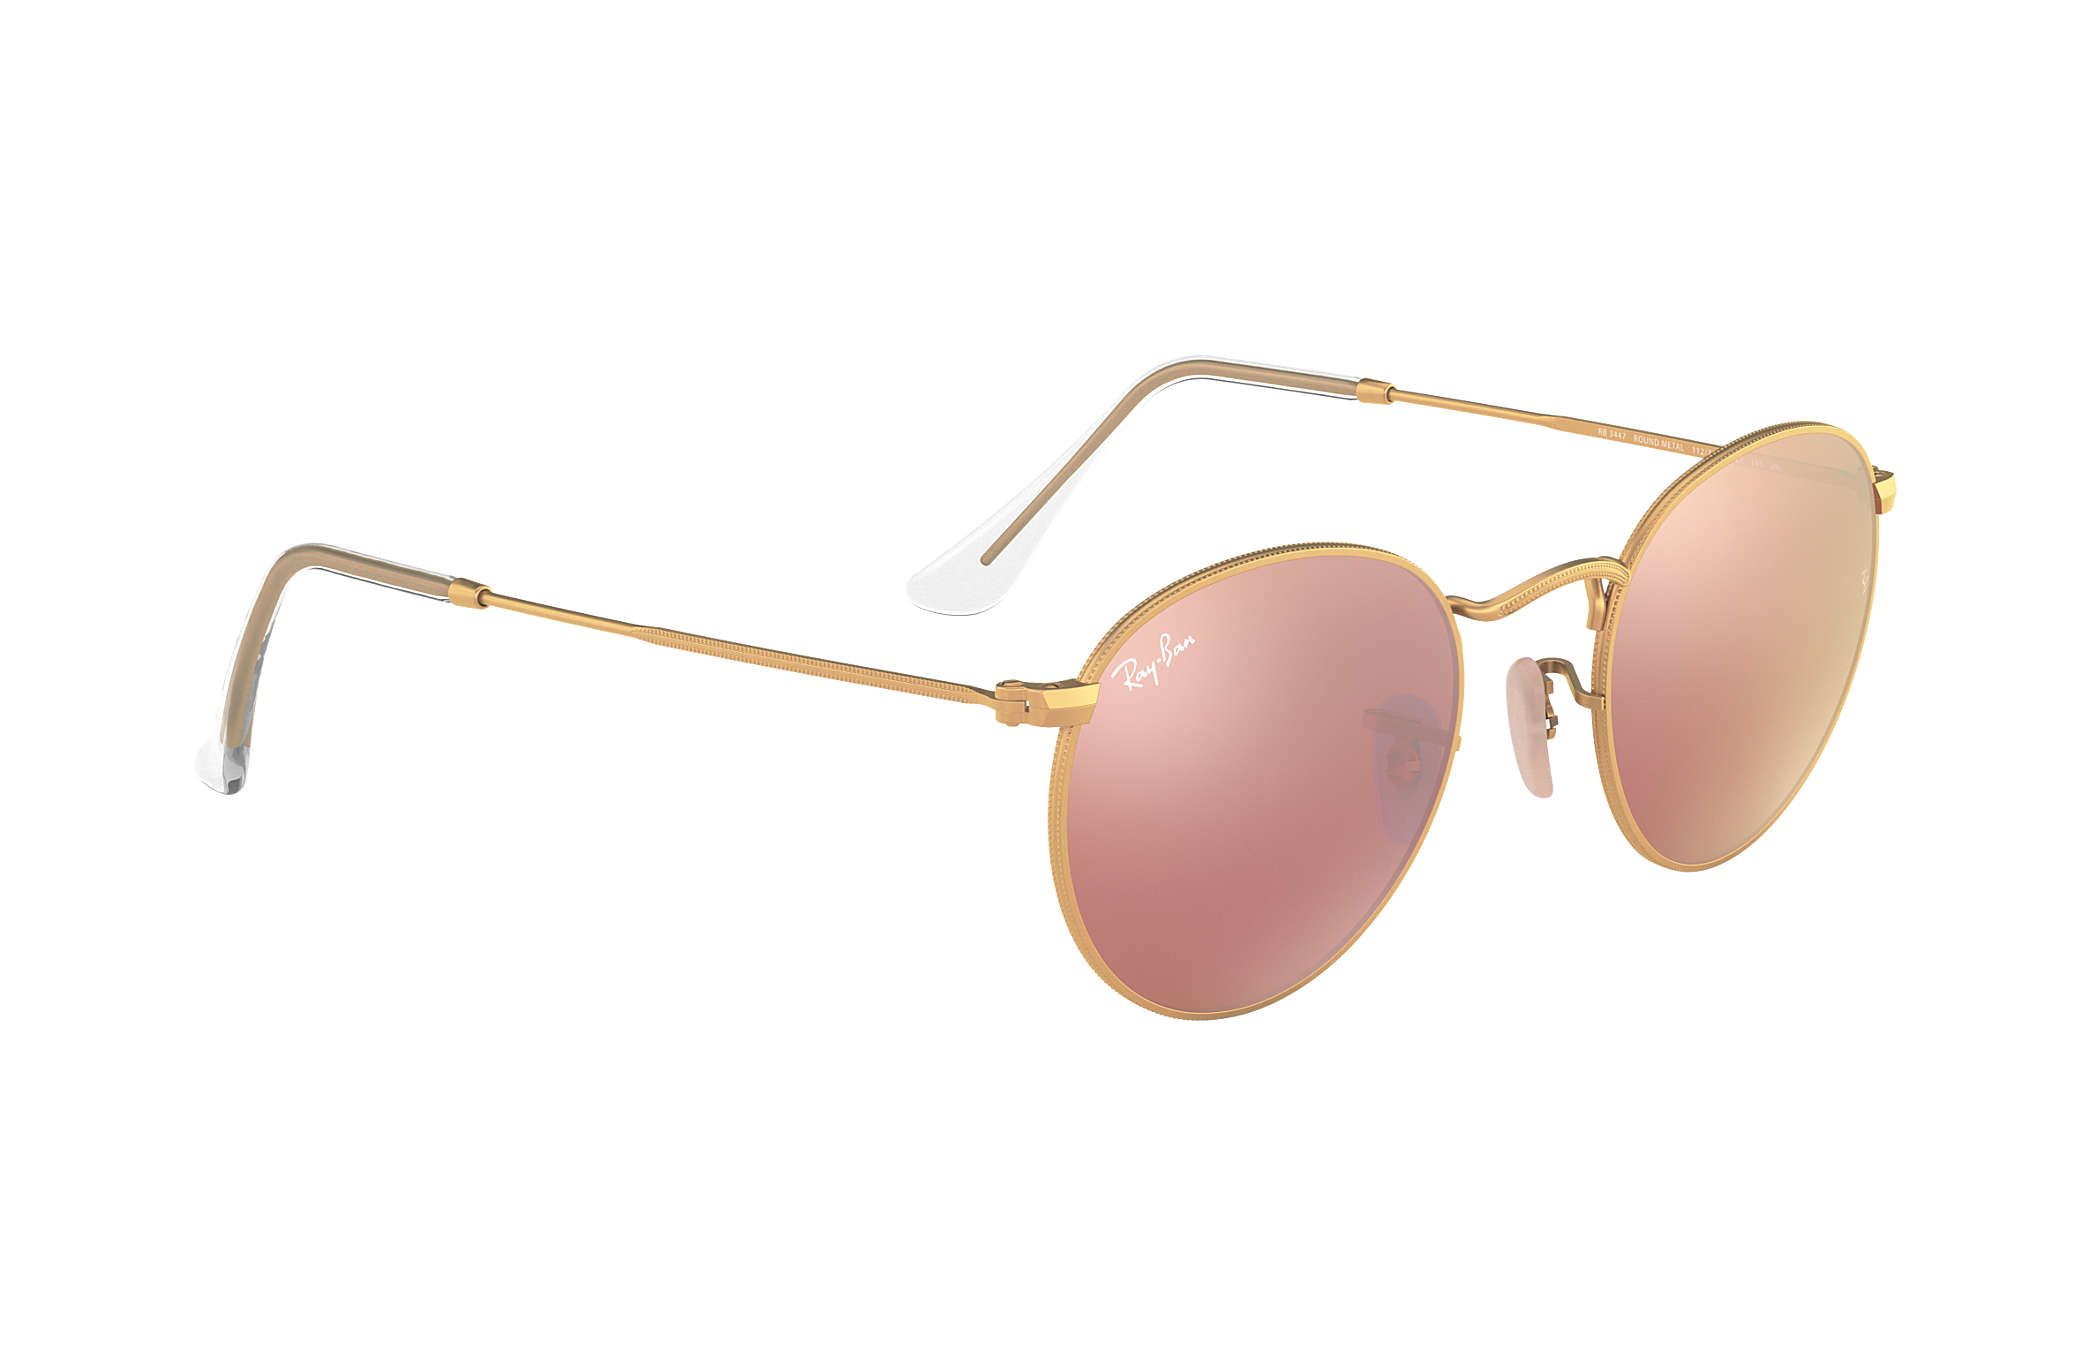 ray ban 3447 pink gold